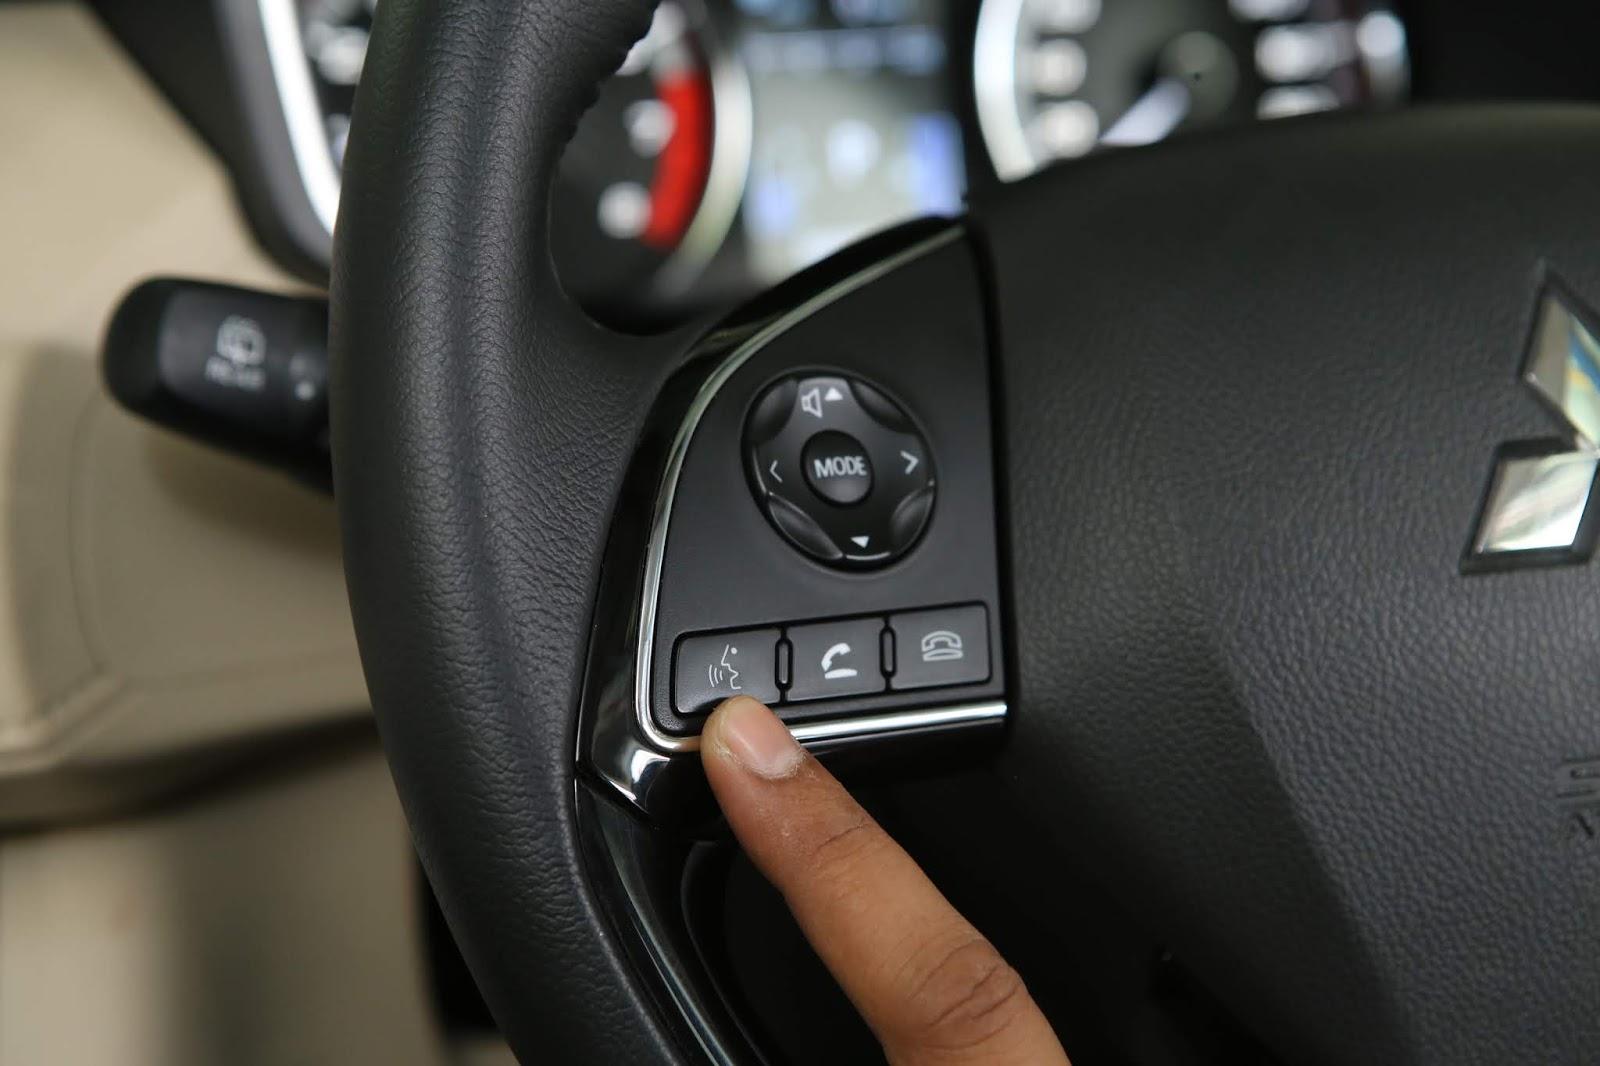 Harga Mitsubishi Xpander-MitsubishiRiau.Net